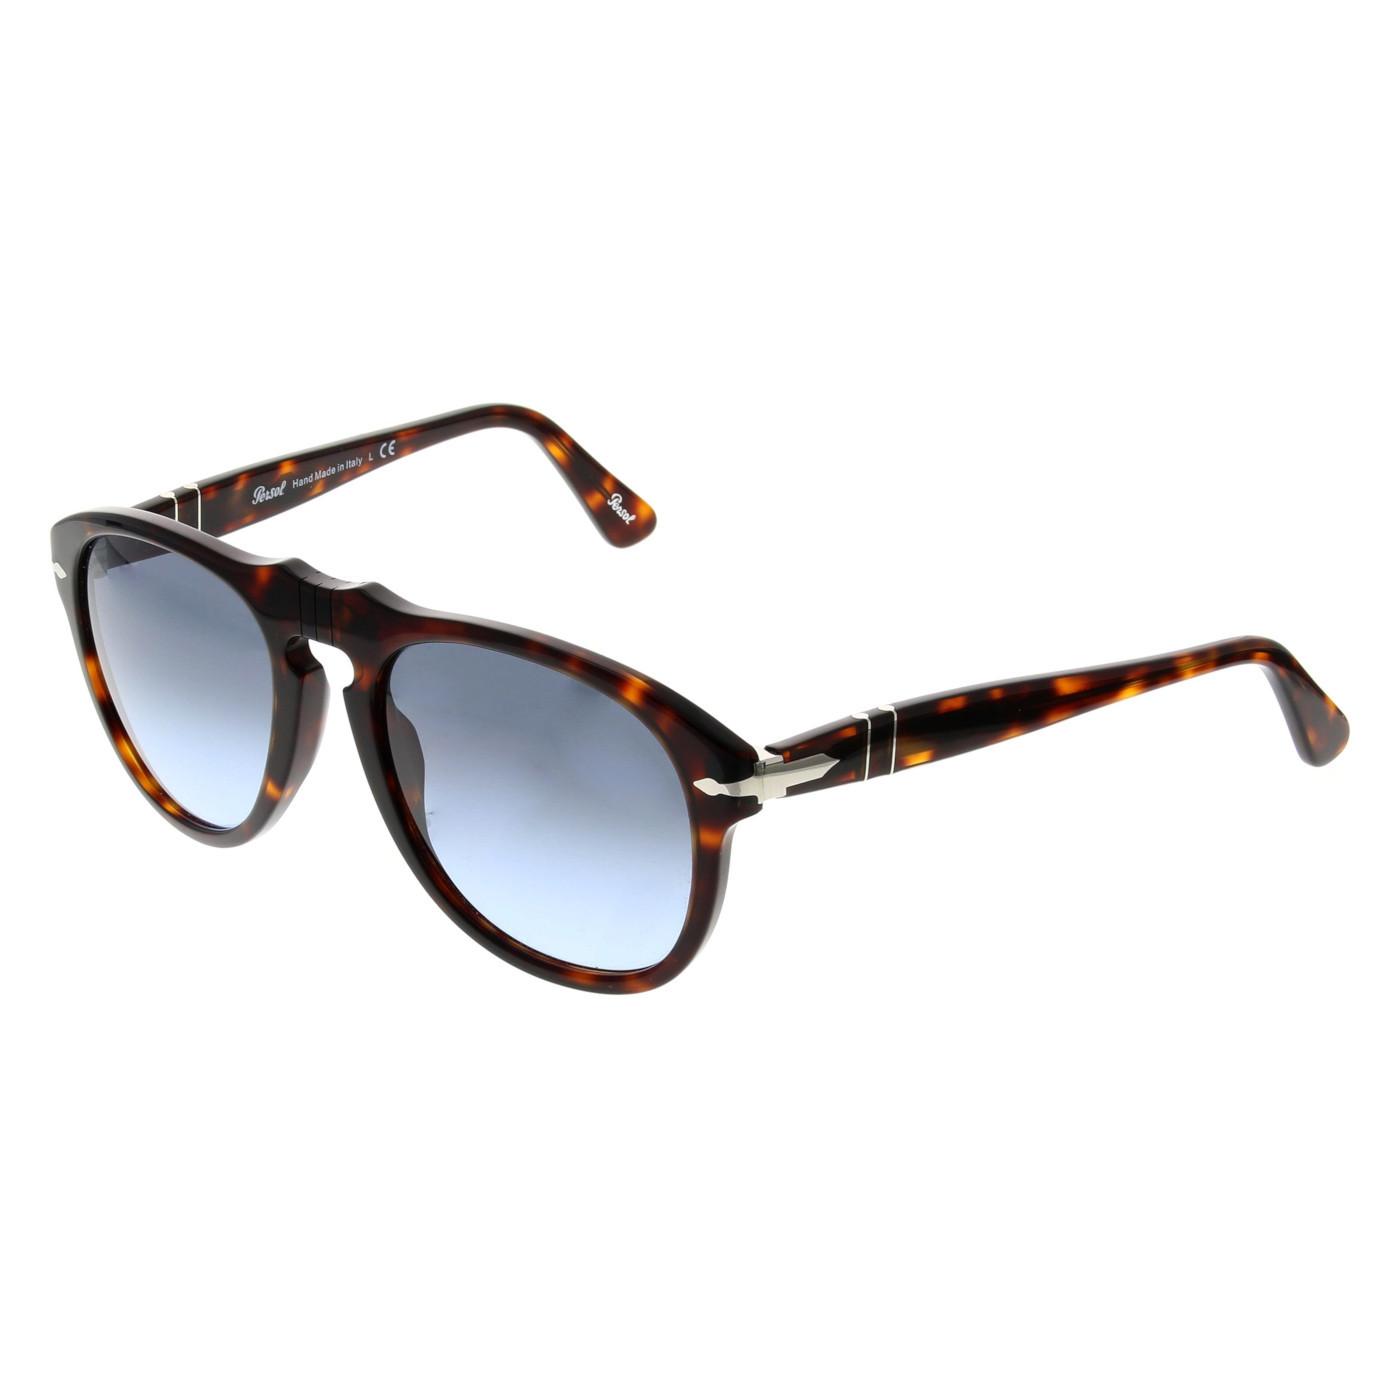 6a4bb0acea62e Persol Havana Sunglasses PO0649 24 86 - Sunglasses